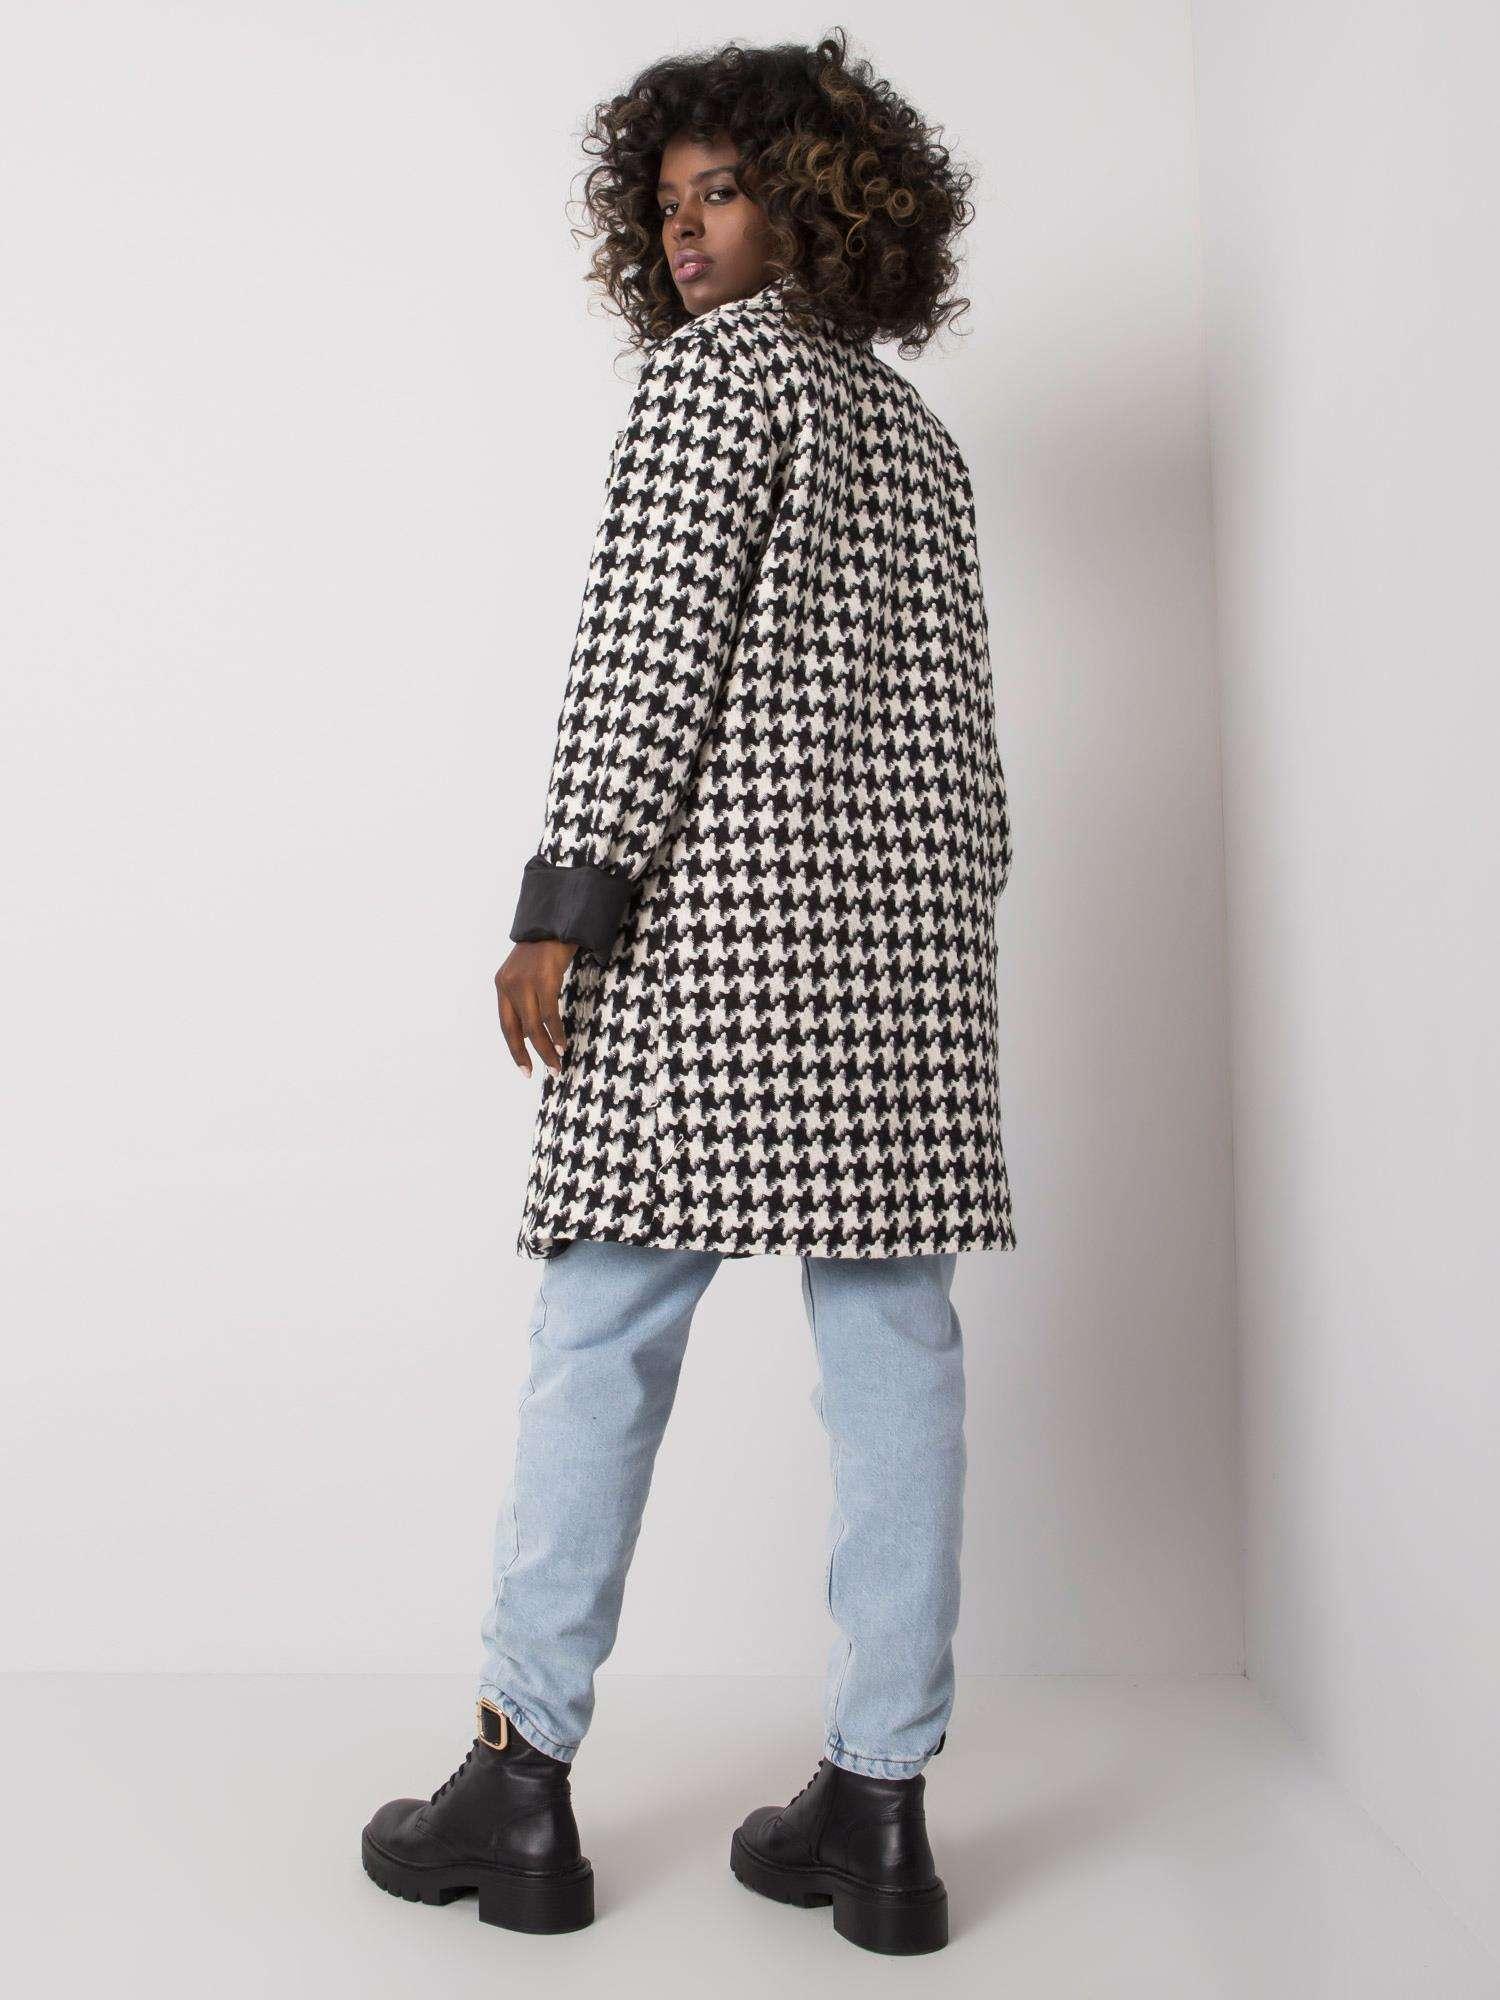 Mantel mit schwarz-weißem Hahnentrittmuster Rückansicht